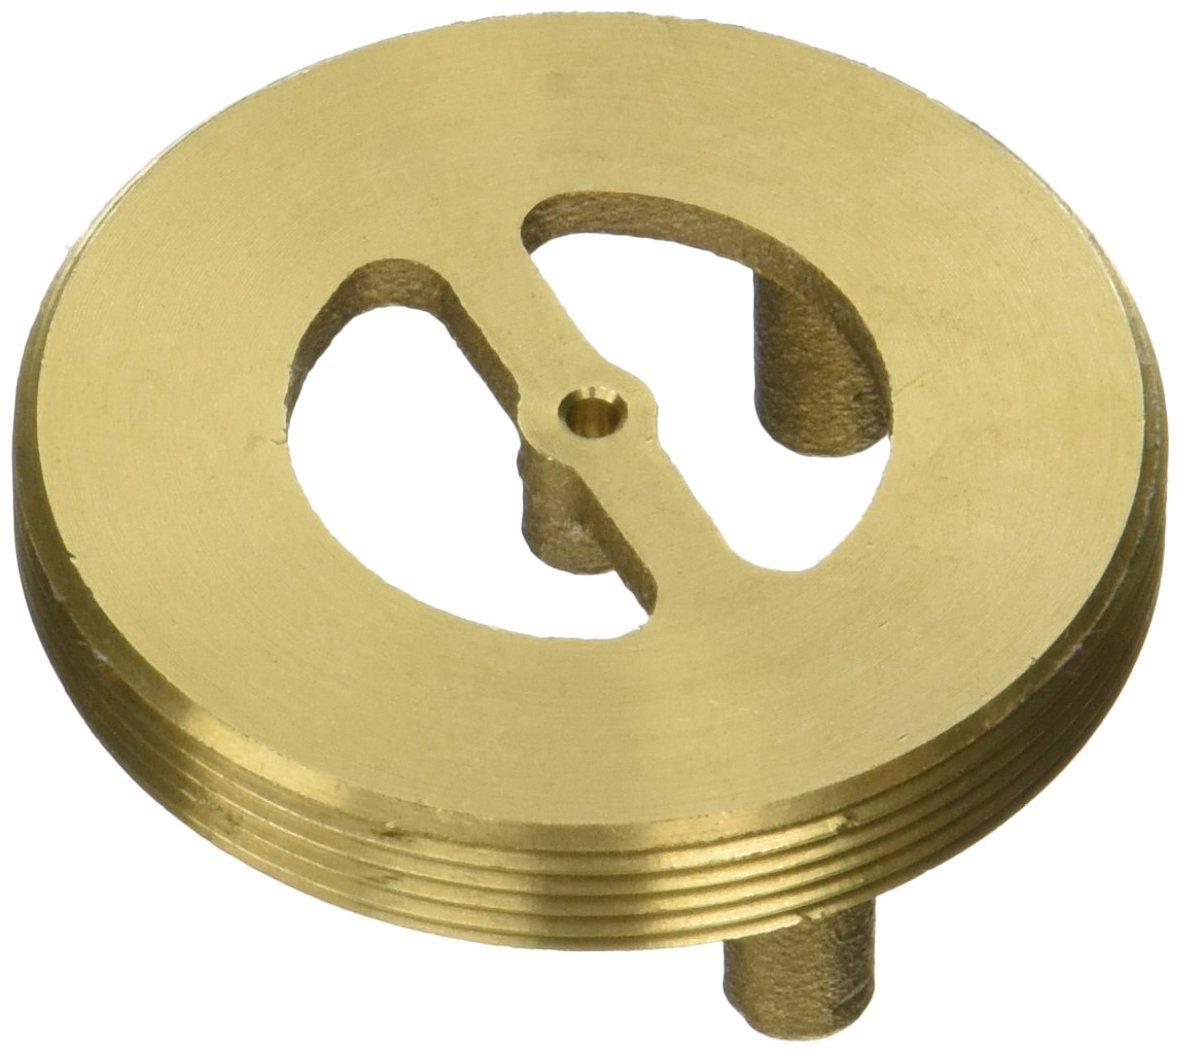 Chu Ân 421-20 wilins 3 inch 420 nắp che van